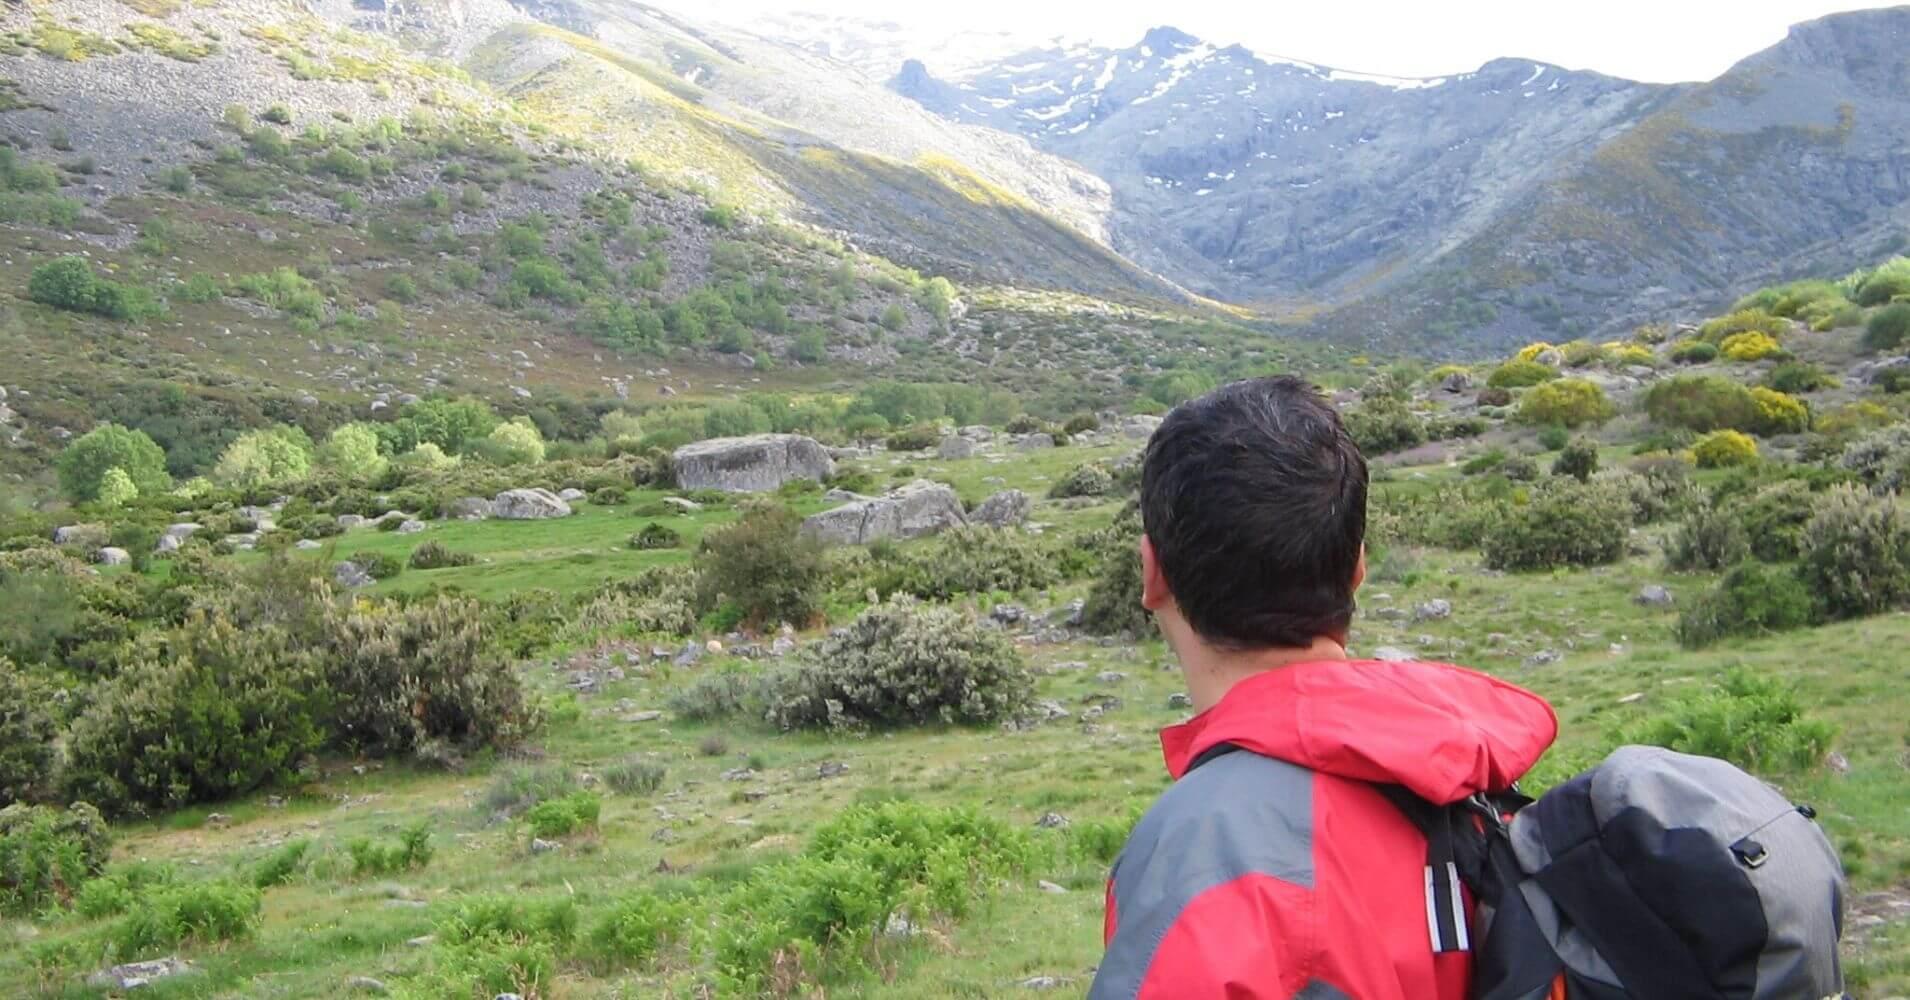 Cerro de la Camocha. Ruta de Senderismo PR AV 40. Navalguijo. Ávila. Castilla y León.